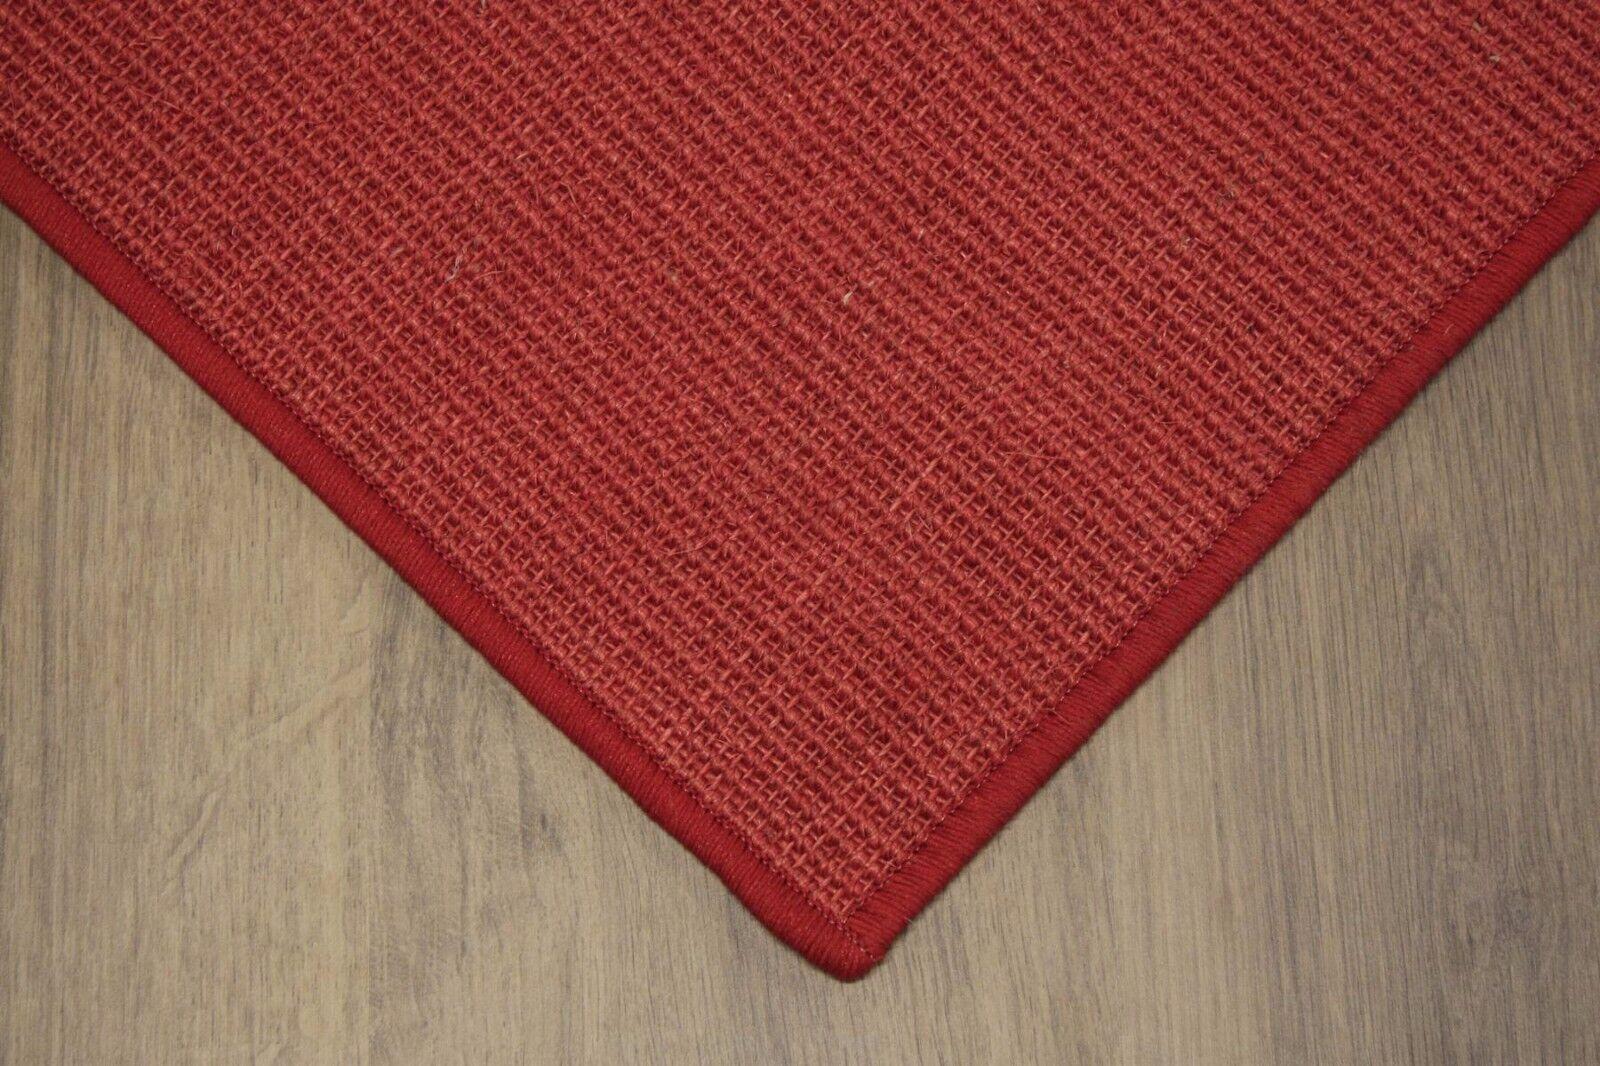 Sisal Sisal Sisal alfombra umkettelt rojo 100x200cm 100% sisal gekettelt d6837d